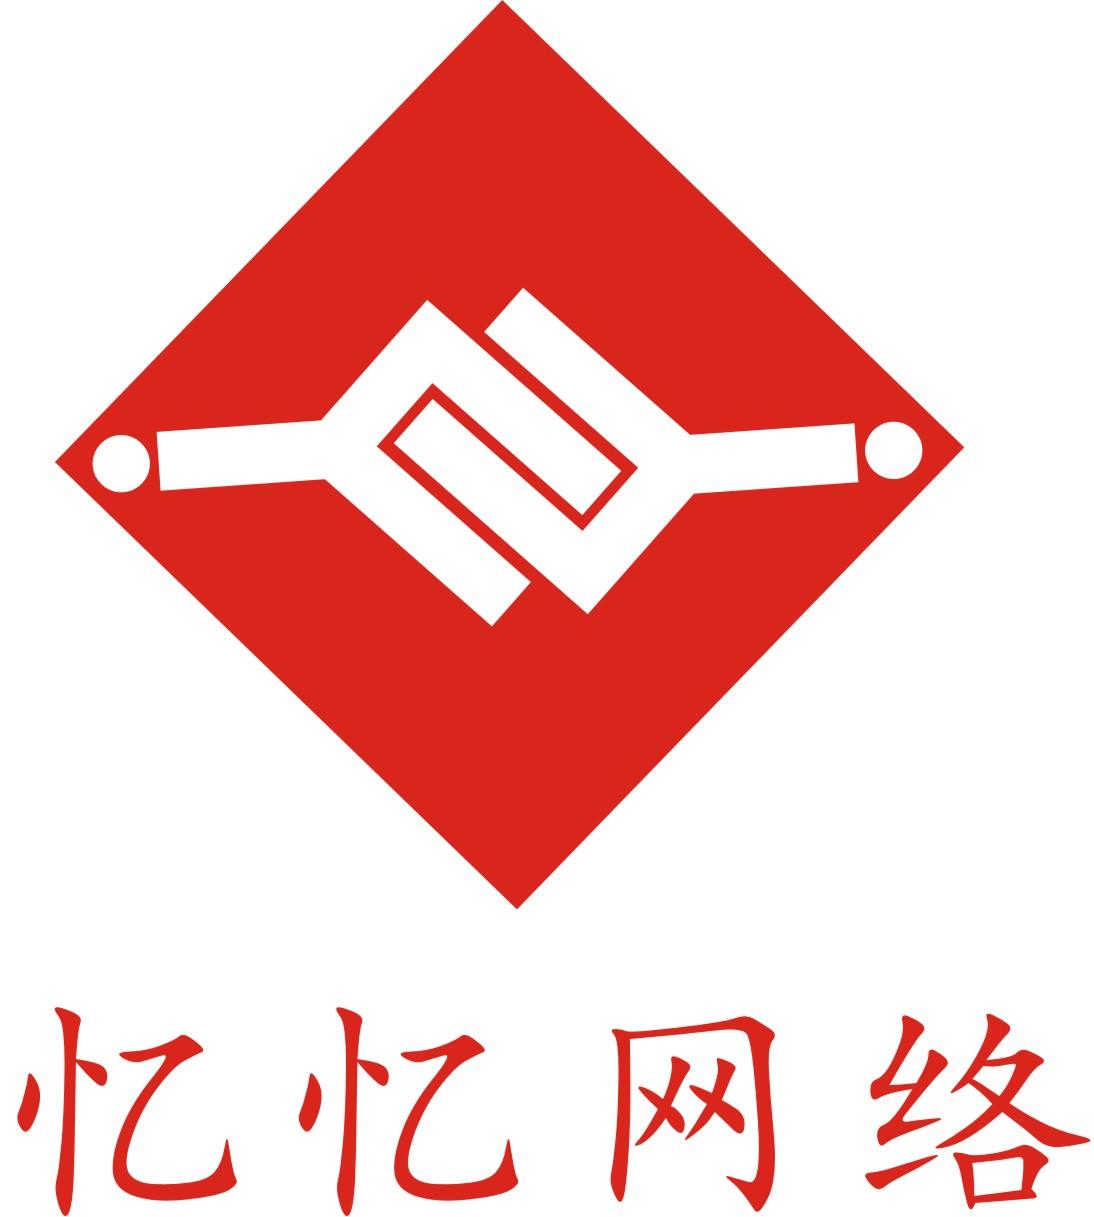 公司logo设计【能力等级从高到低】_logo设计_商标/vi